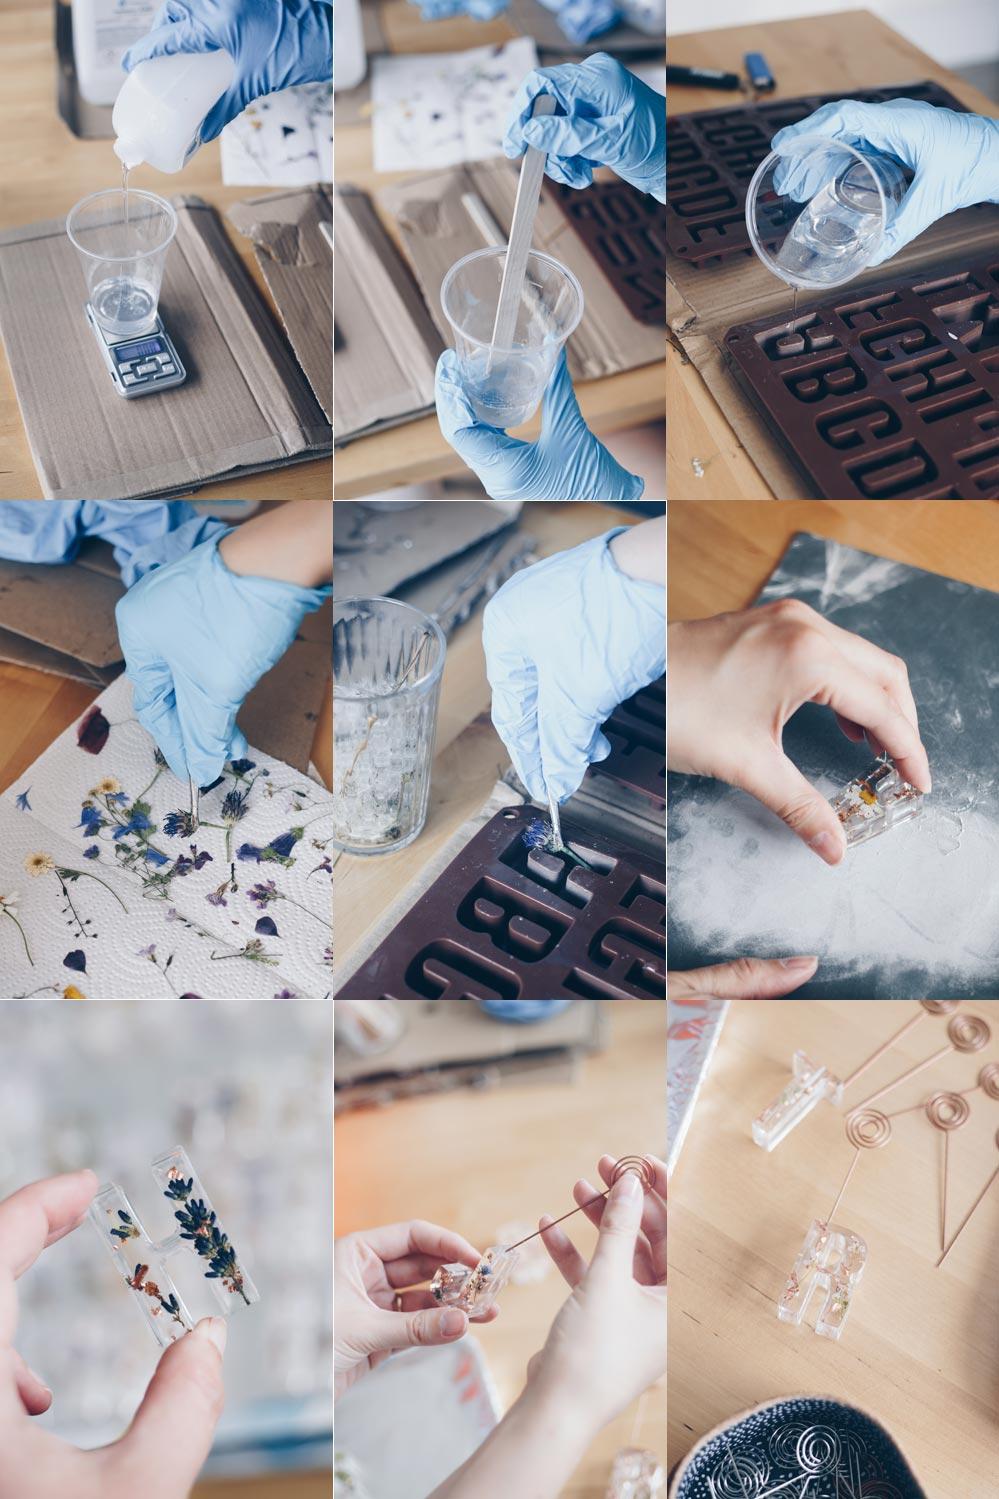 DIY Buchstaben Tischkärtchenhalter mit getrockneten Blüten aus Epoxidharz selbermachen Schritt für Schritt